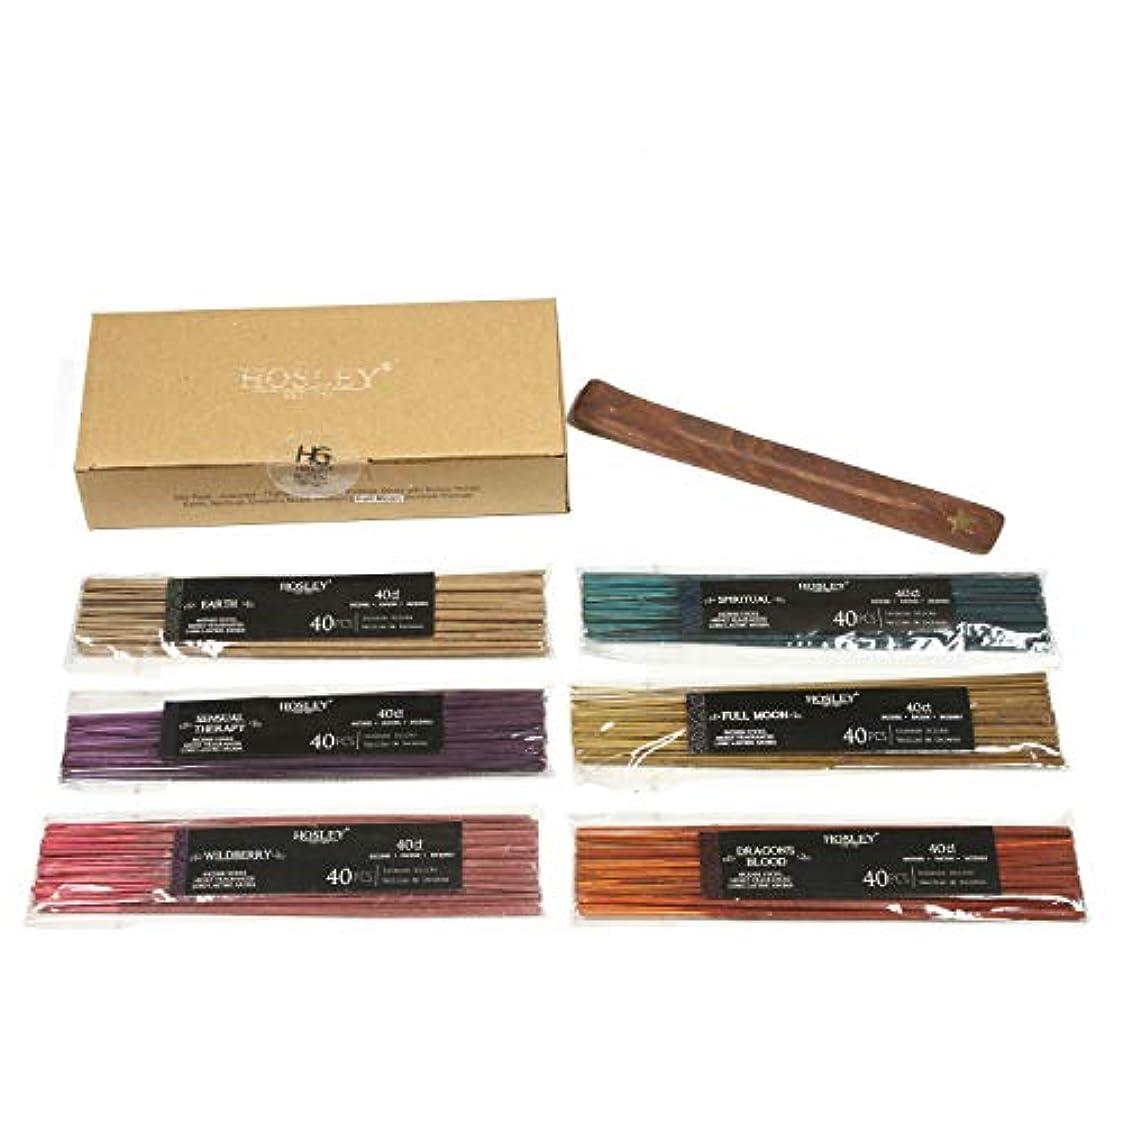 増強東部陰気Aromatherapy Hosley's 240 Pack Assorted Highly Fragranced Incense Sticks - Dragon's Blood, Earth, Full Moon, Sensual...